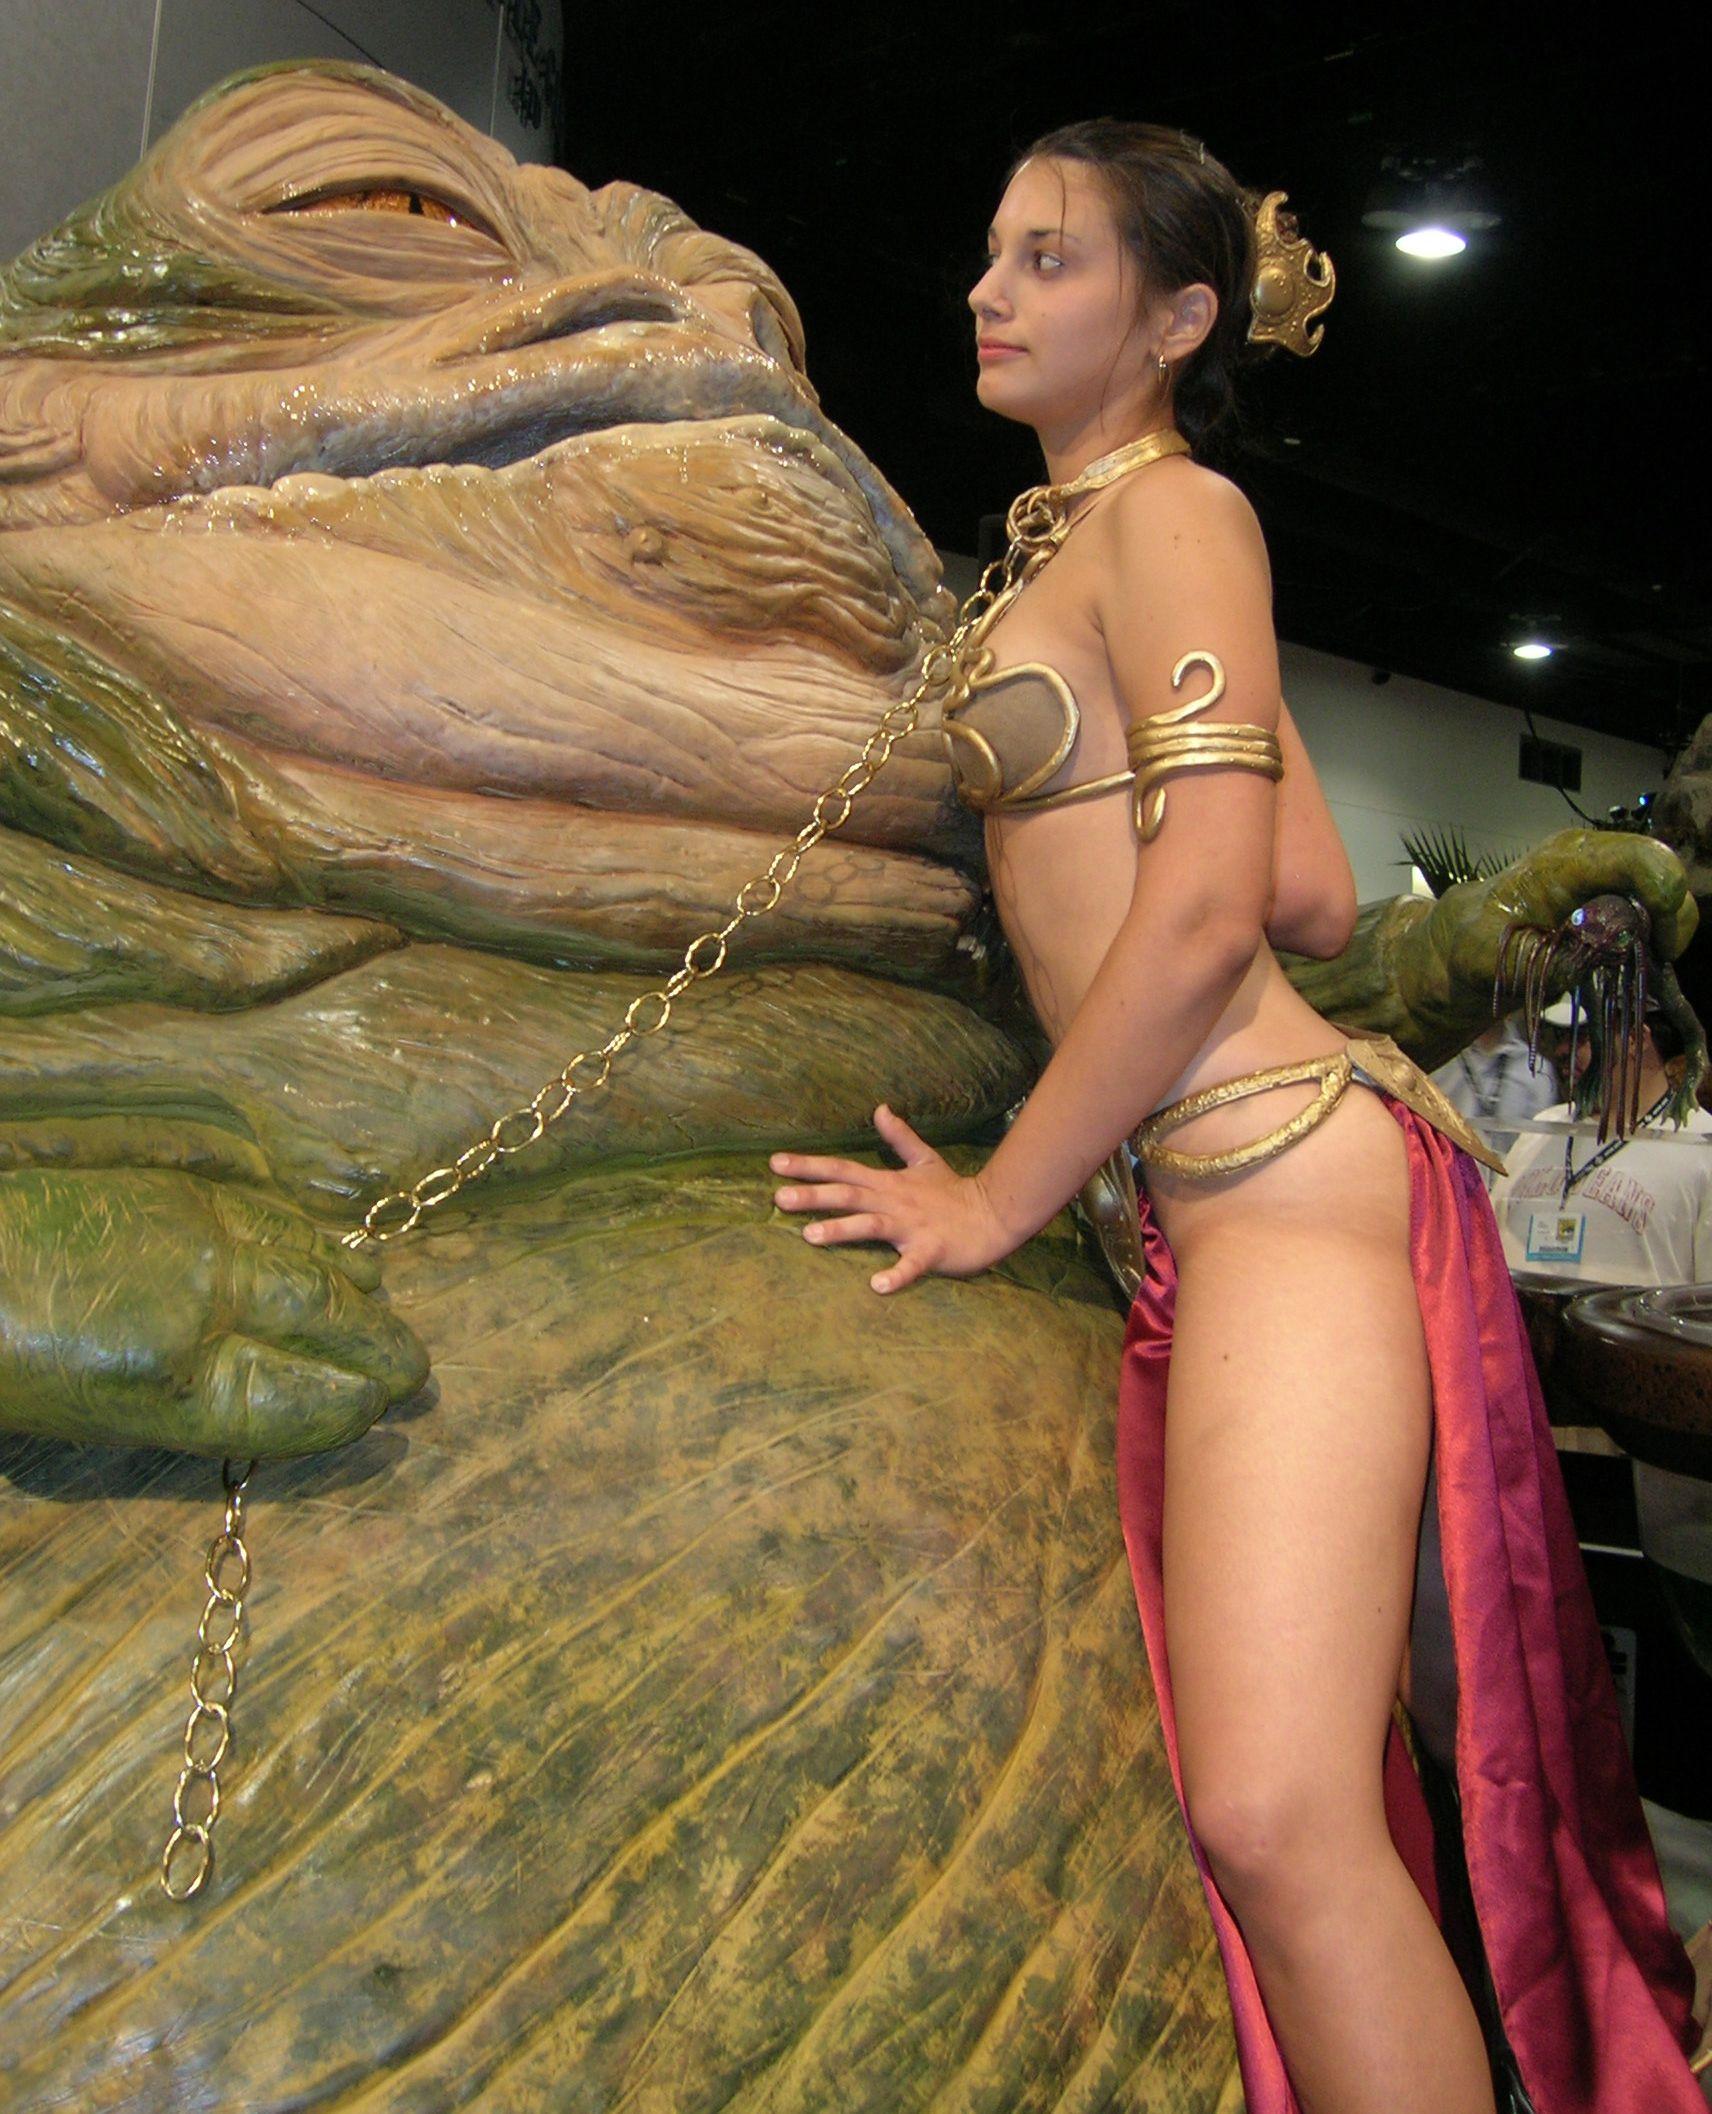 Leia slave by Sarah Mau | Princess Leia | Pinterest